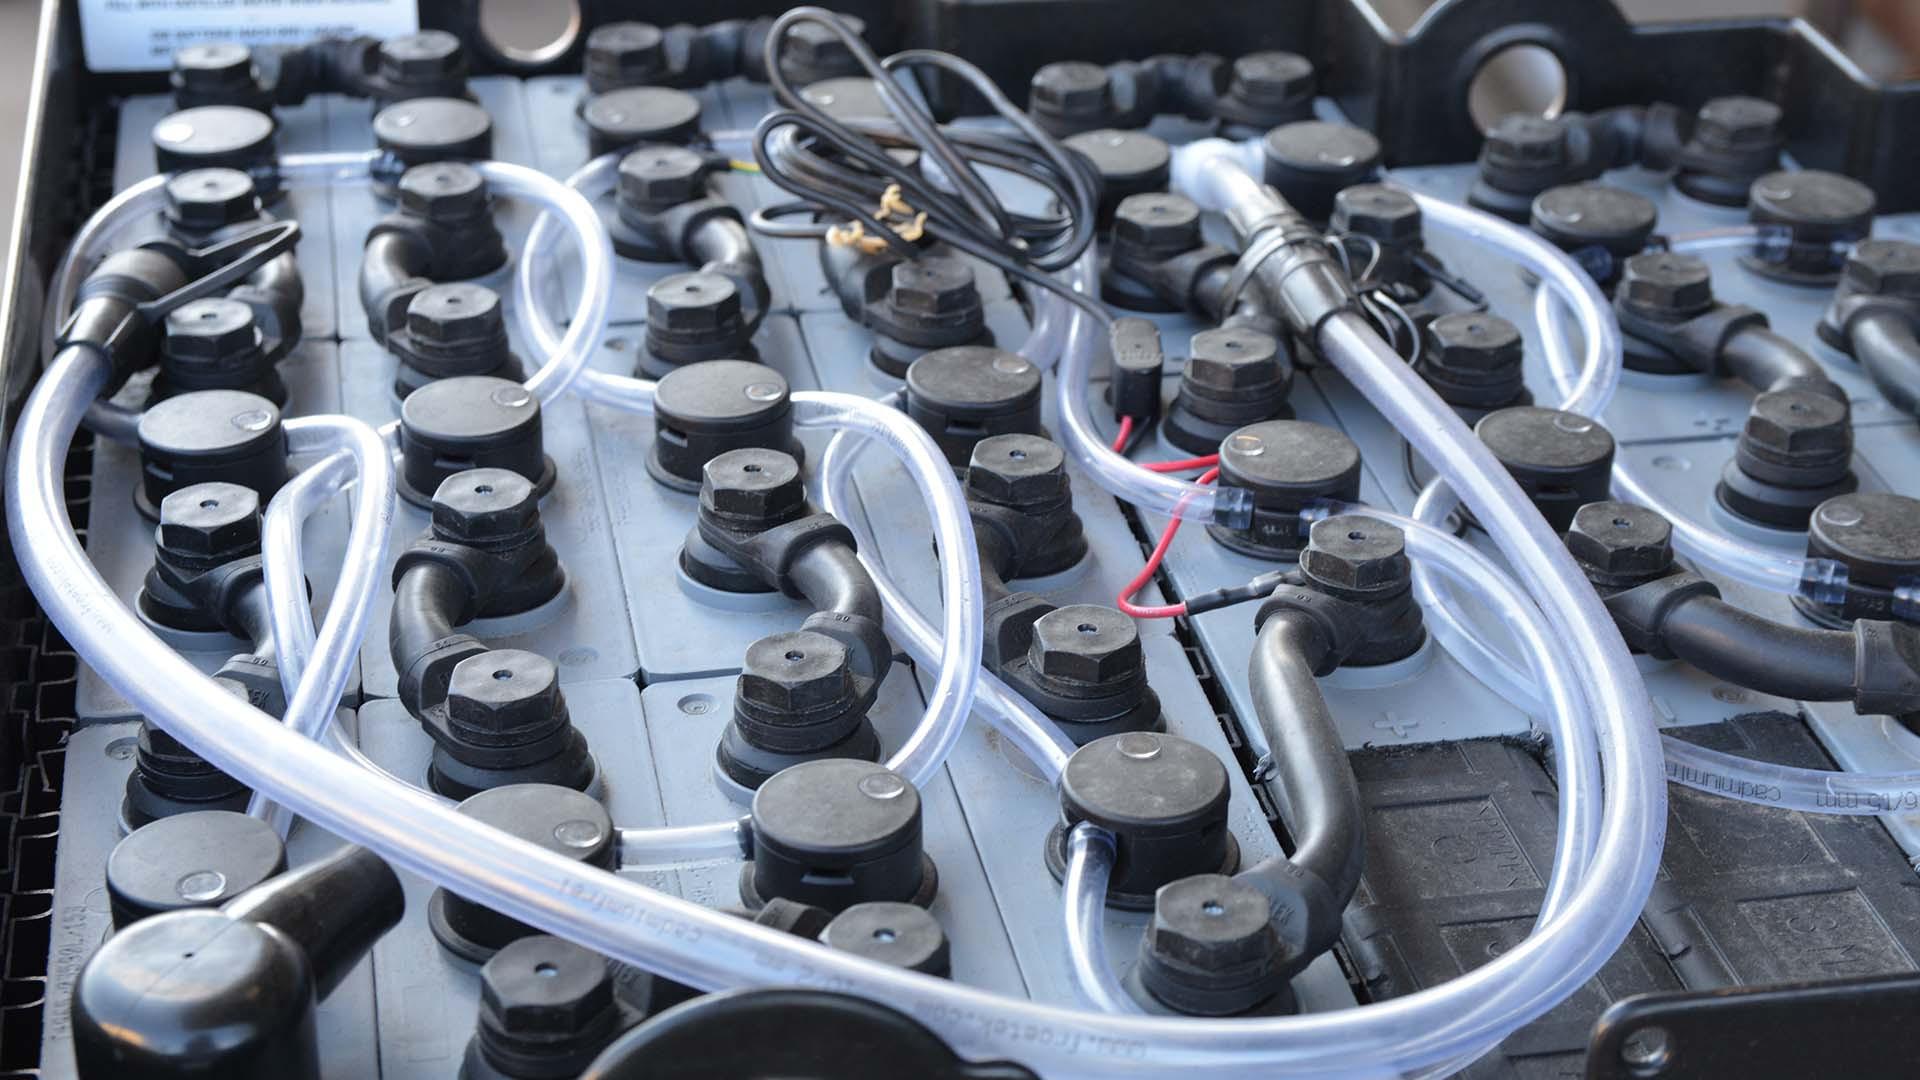 Sleutelen aan elektrische voertuigen